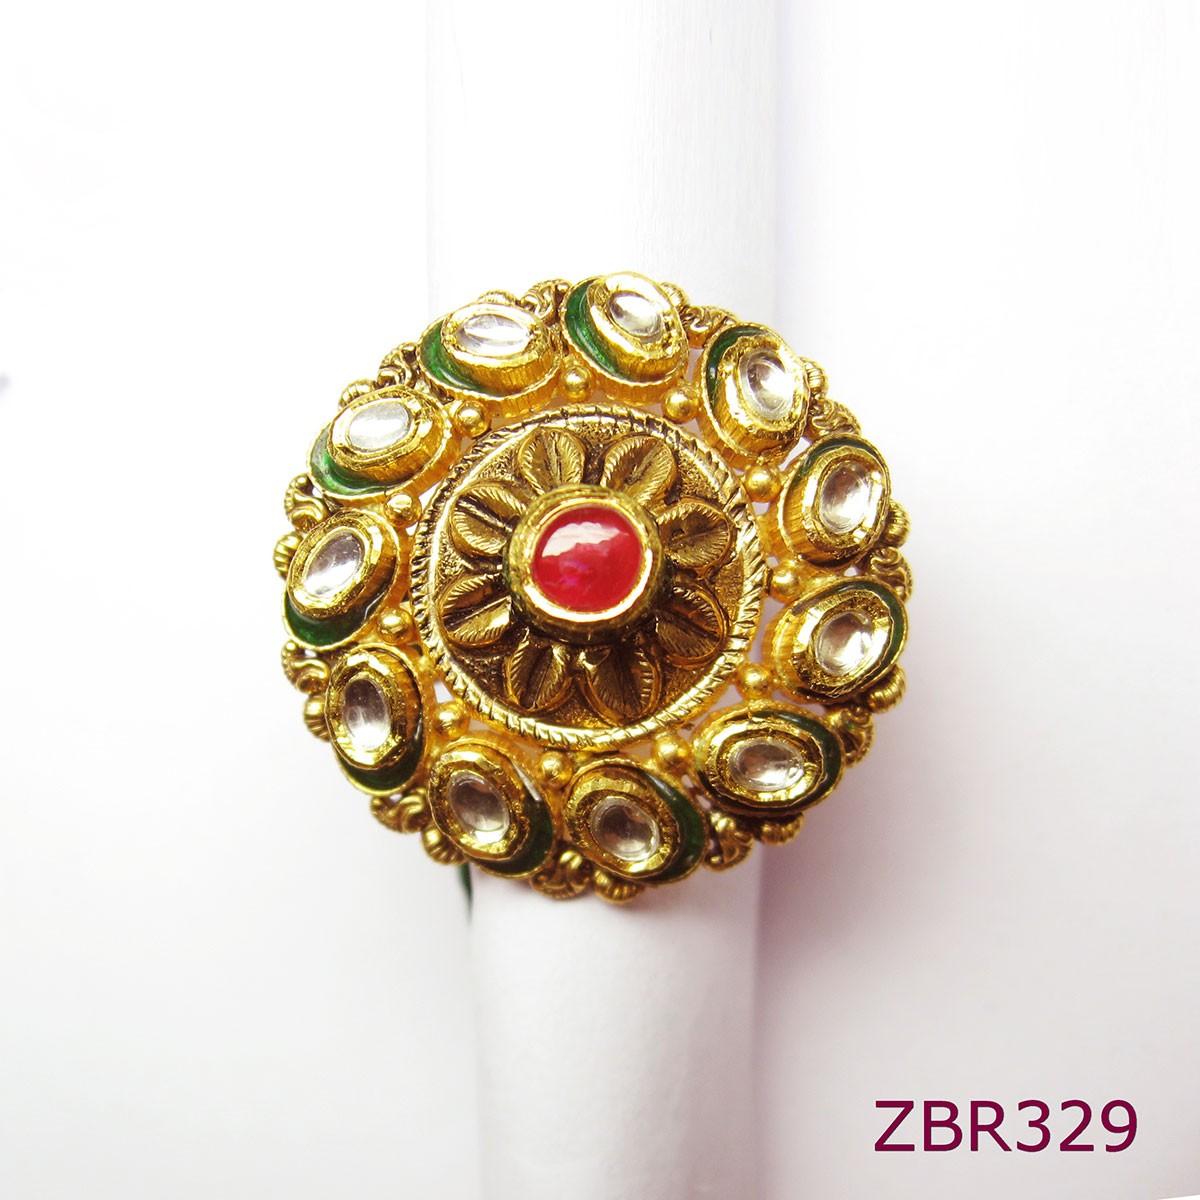 ZBR329